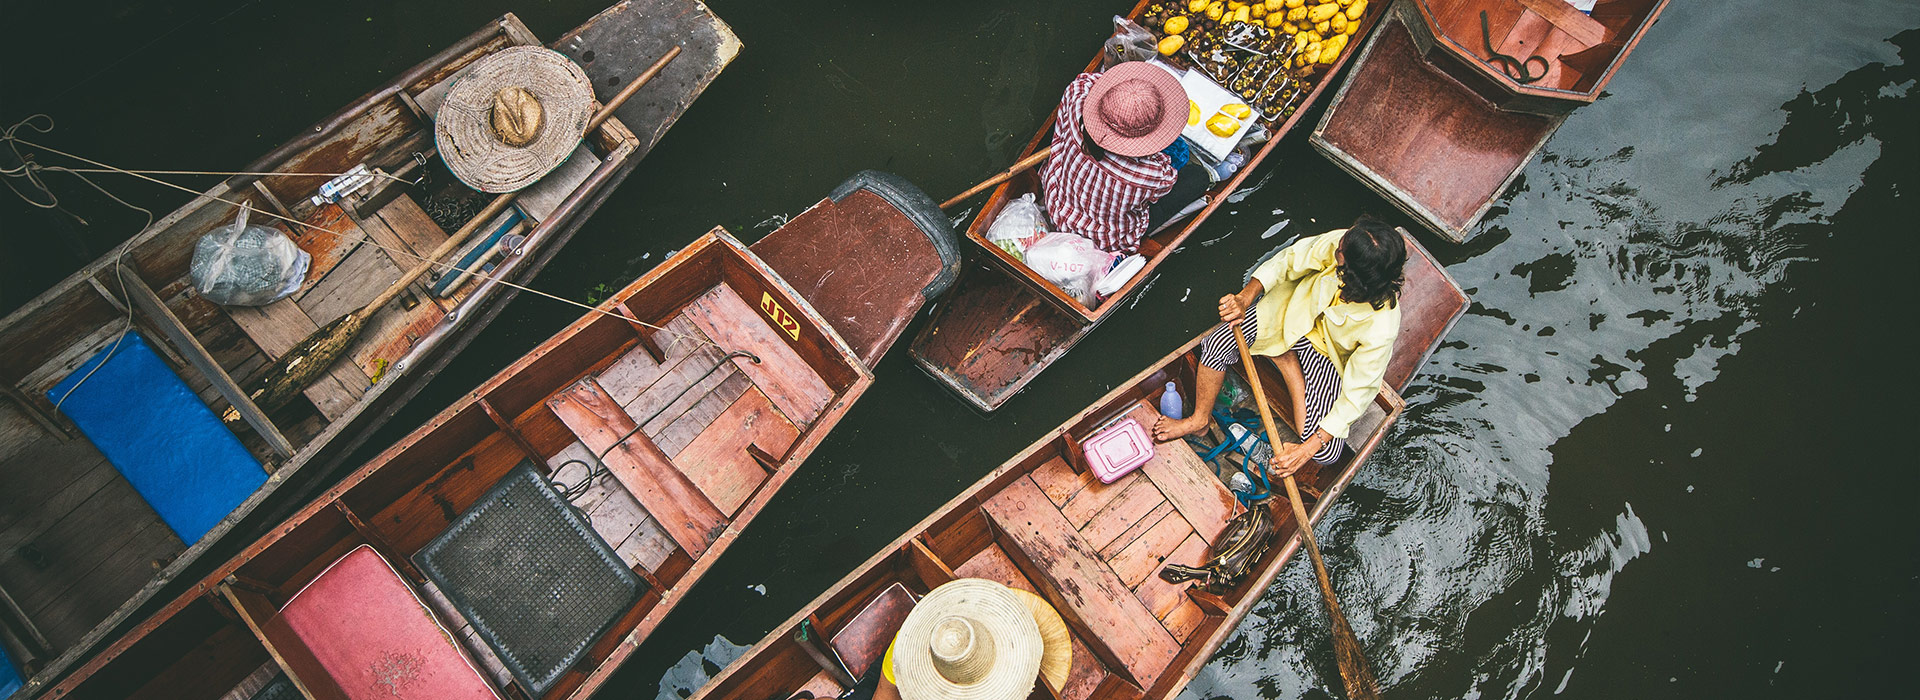 Reisen nach Thailand - Individuelle Reisen nach Thailand - Harry Kolb AG - Tourismus